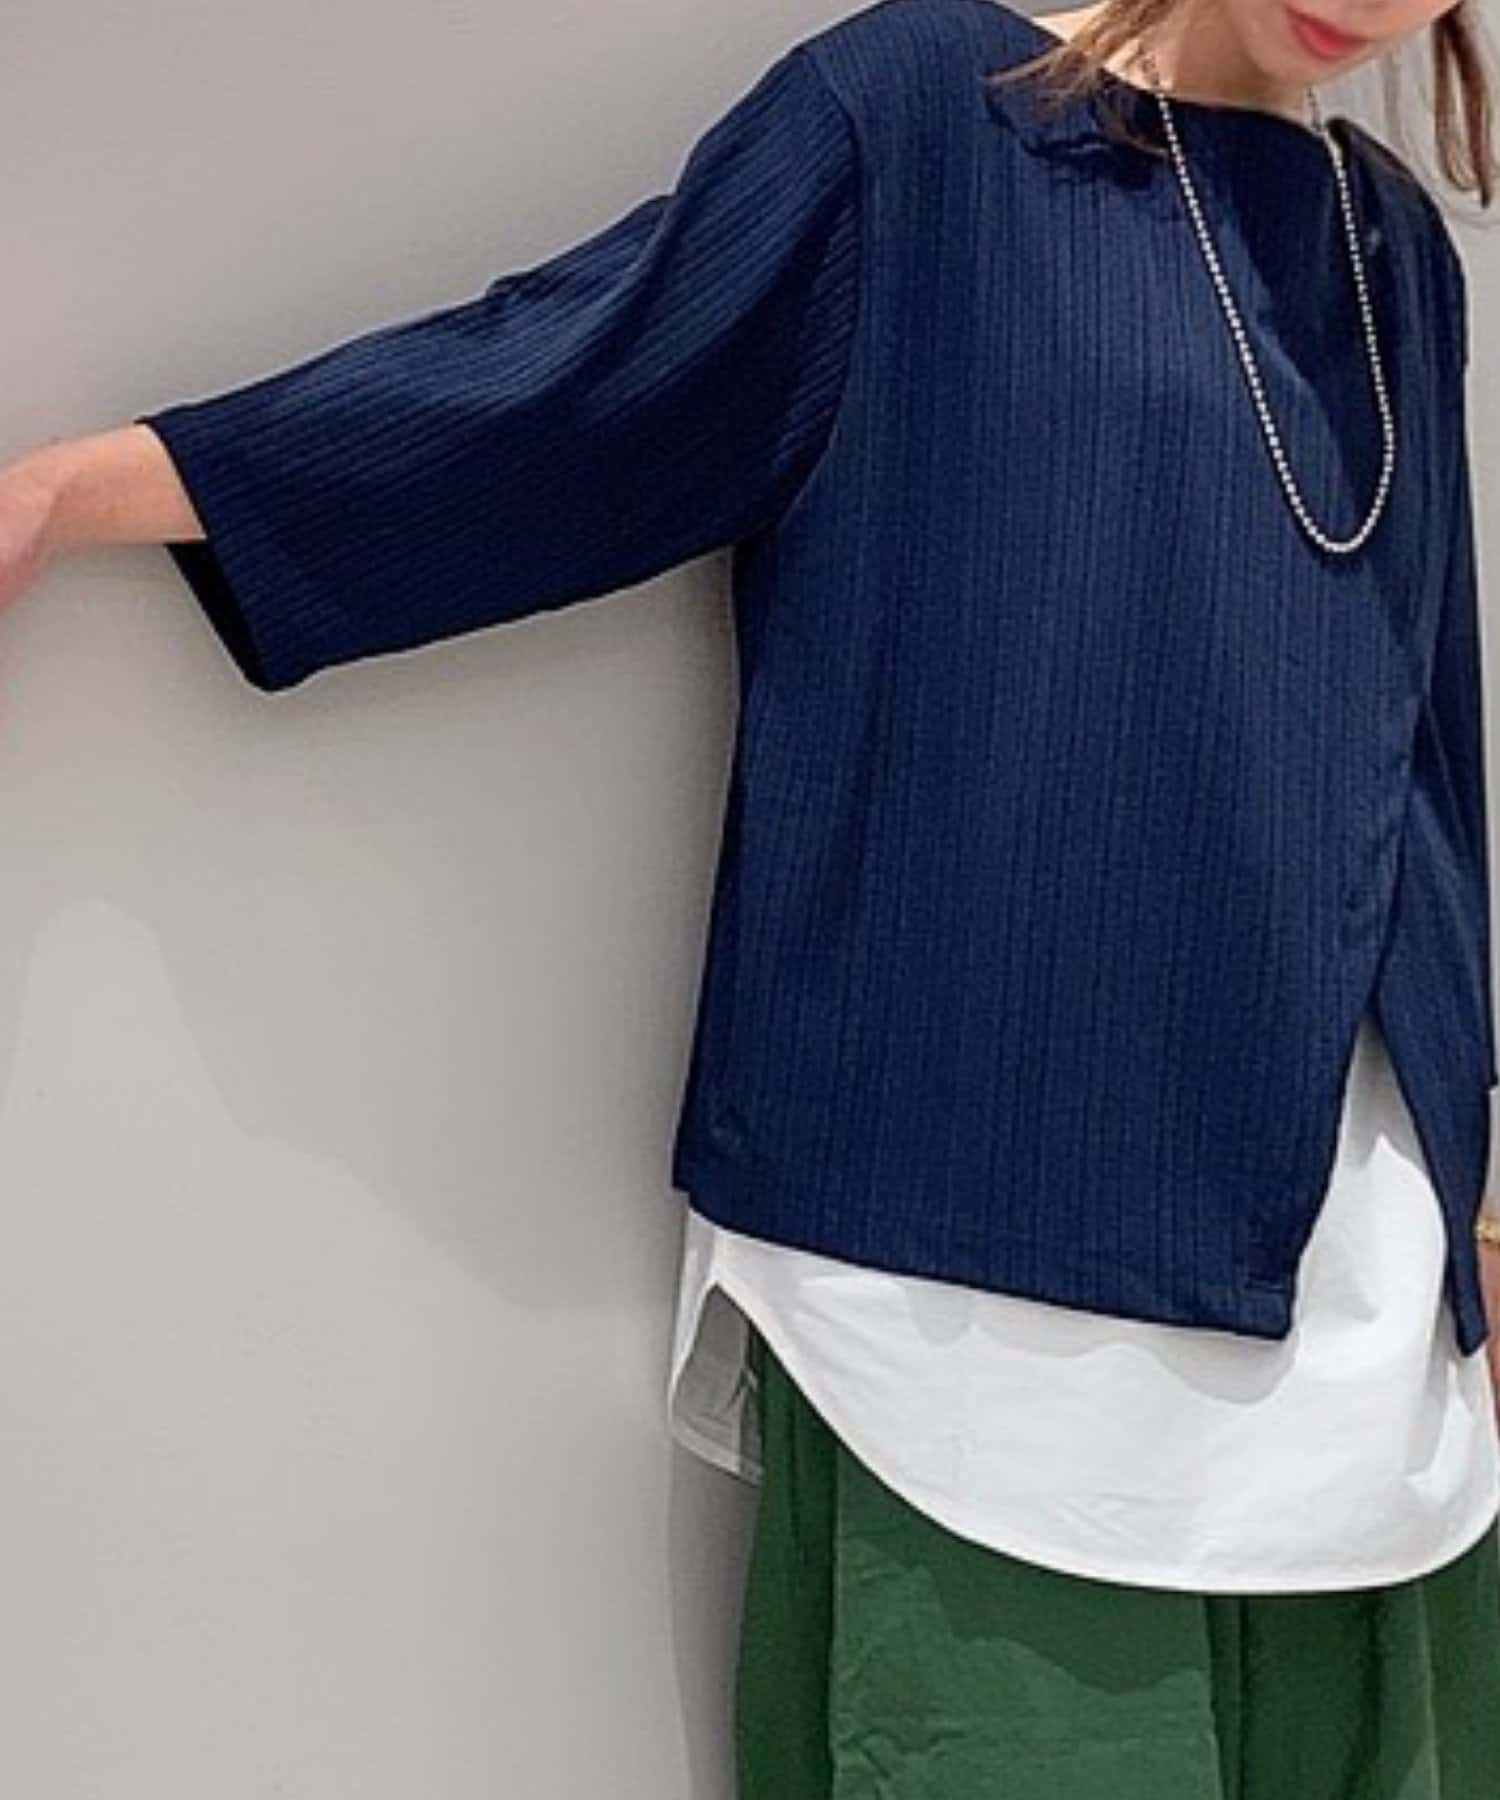 Pal collection(パルコレクション) 《シャツ重ね風》リブカットソー7分袖チュニック